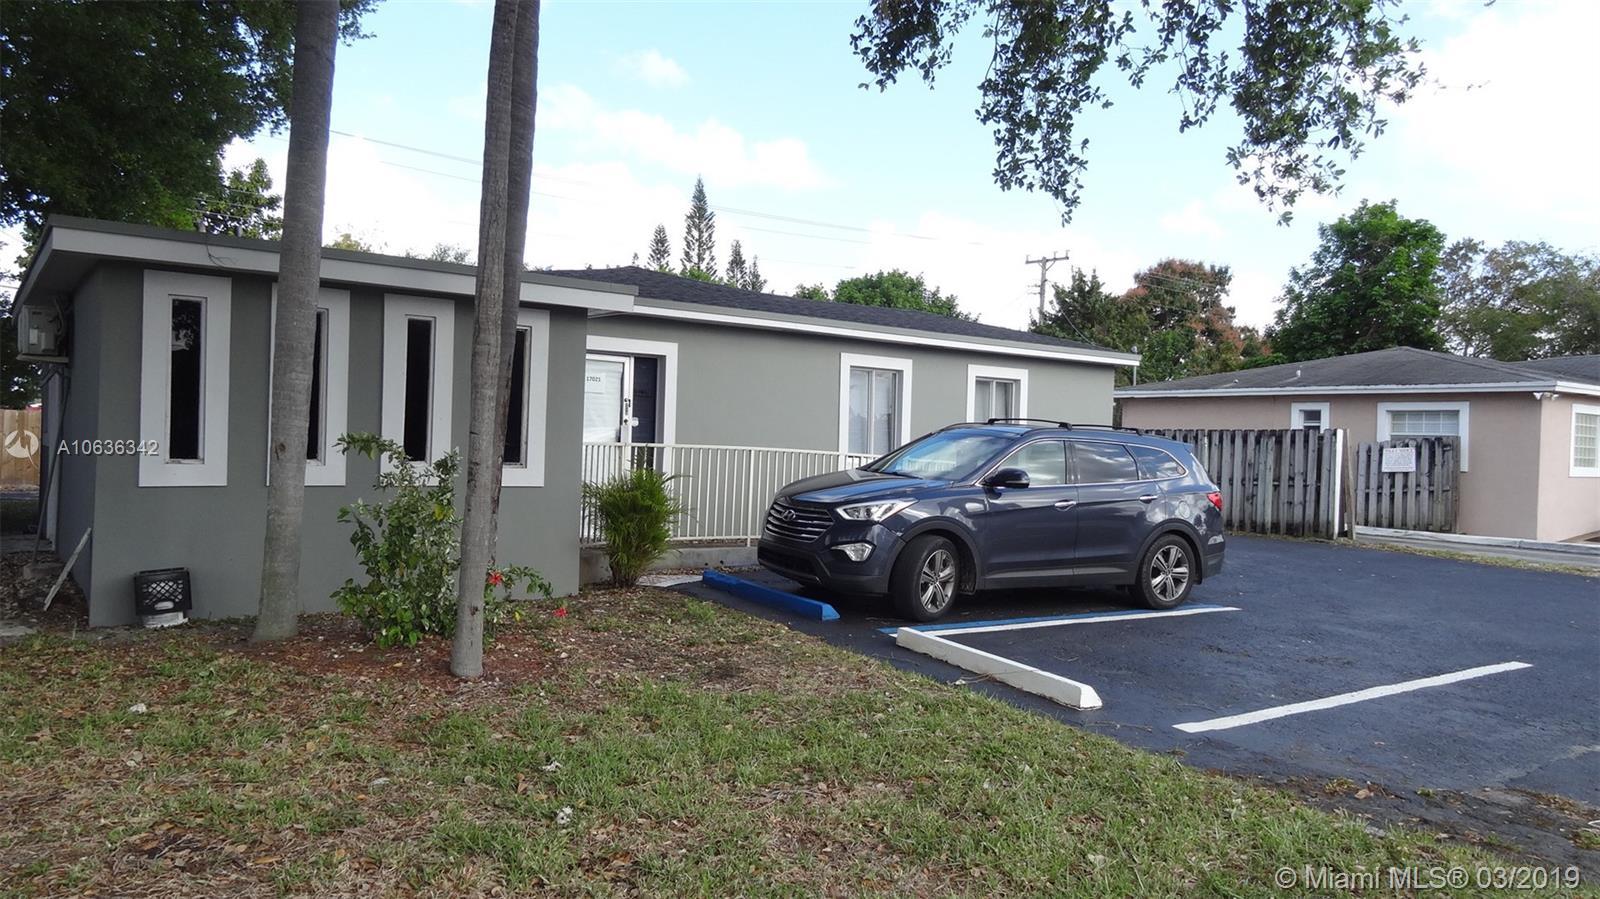 17021 NE 6th Ave  For Sale A10636342, FL